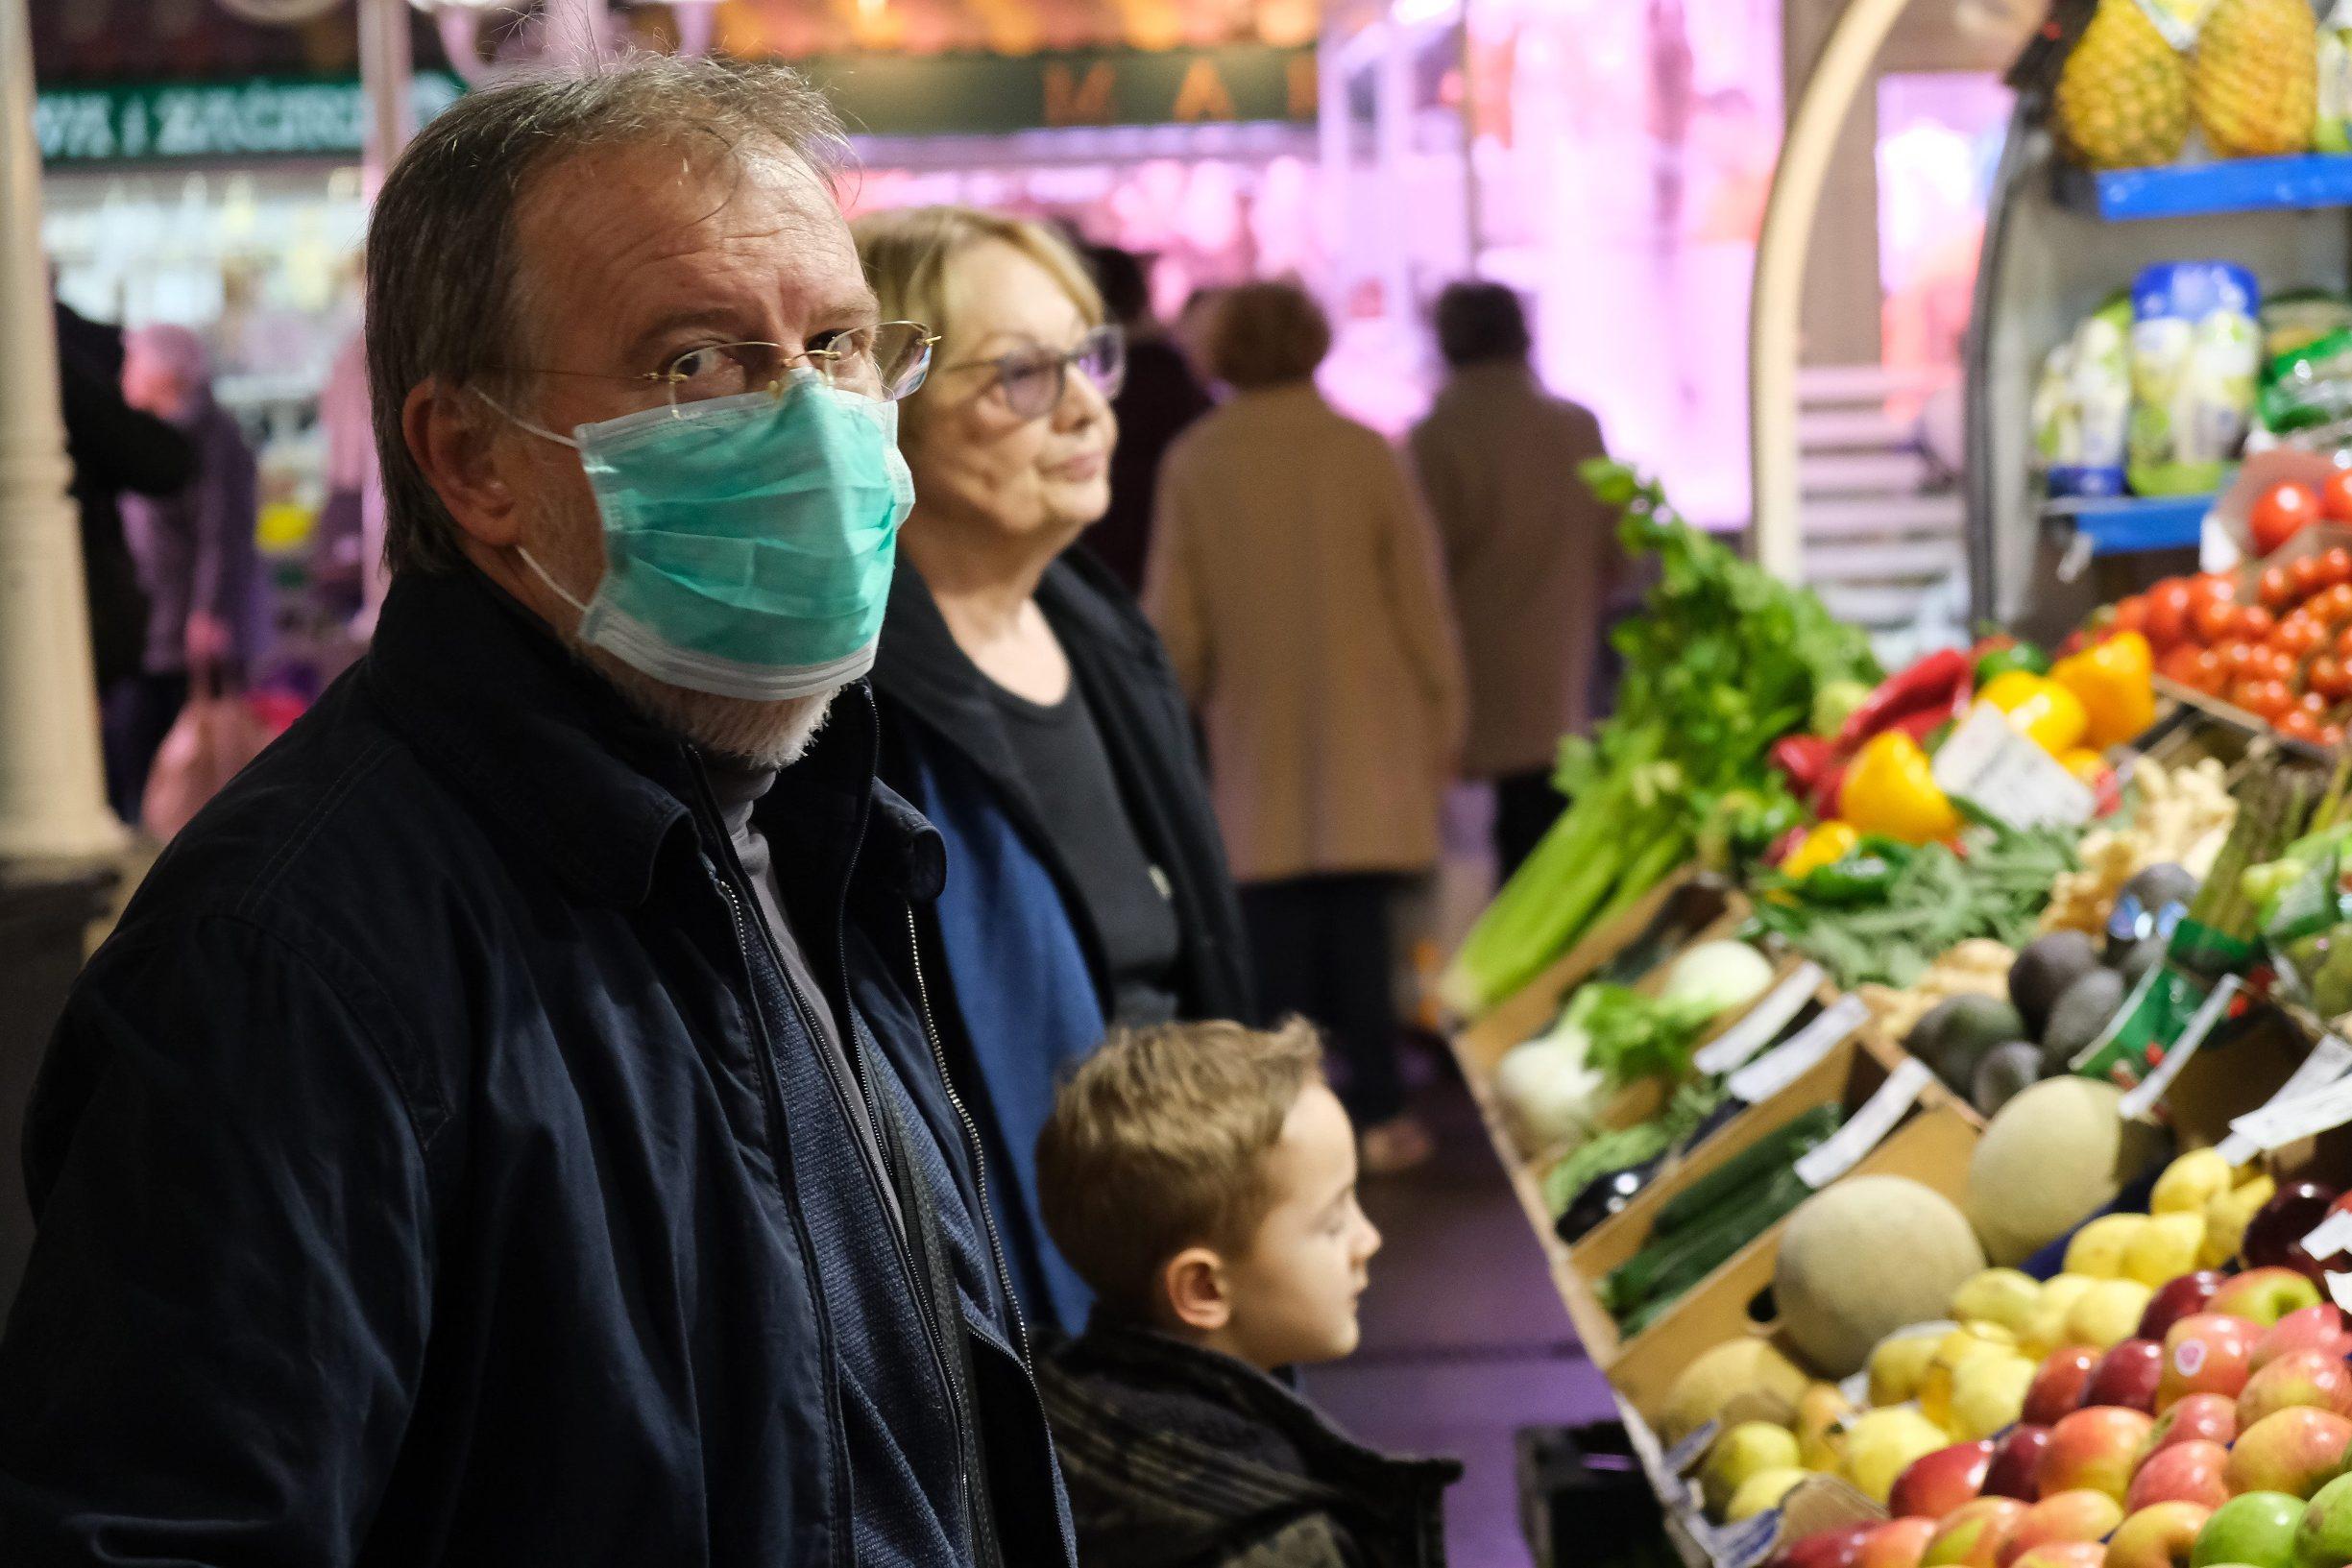 Tržnica Dolac u subotu 14.ožujka. Ljudi pojačano nabavljaju namirnice zbog straha od koronavirusa.